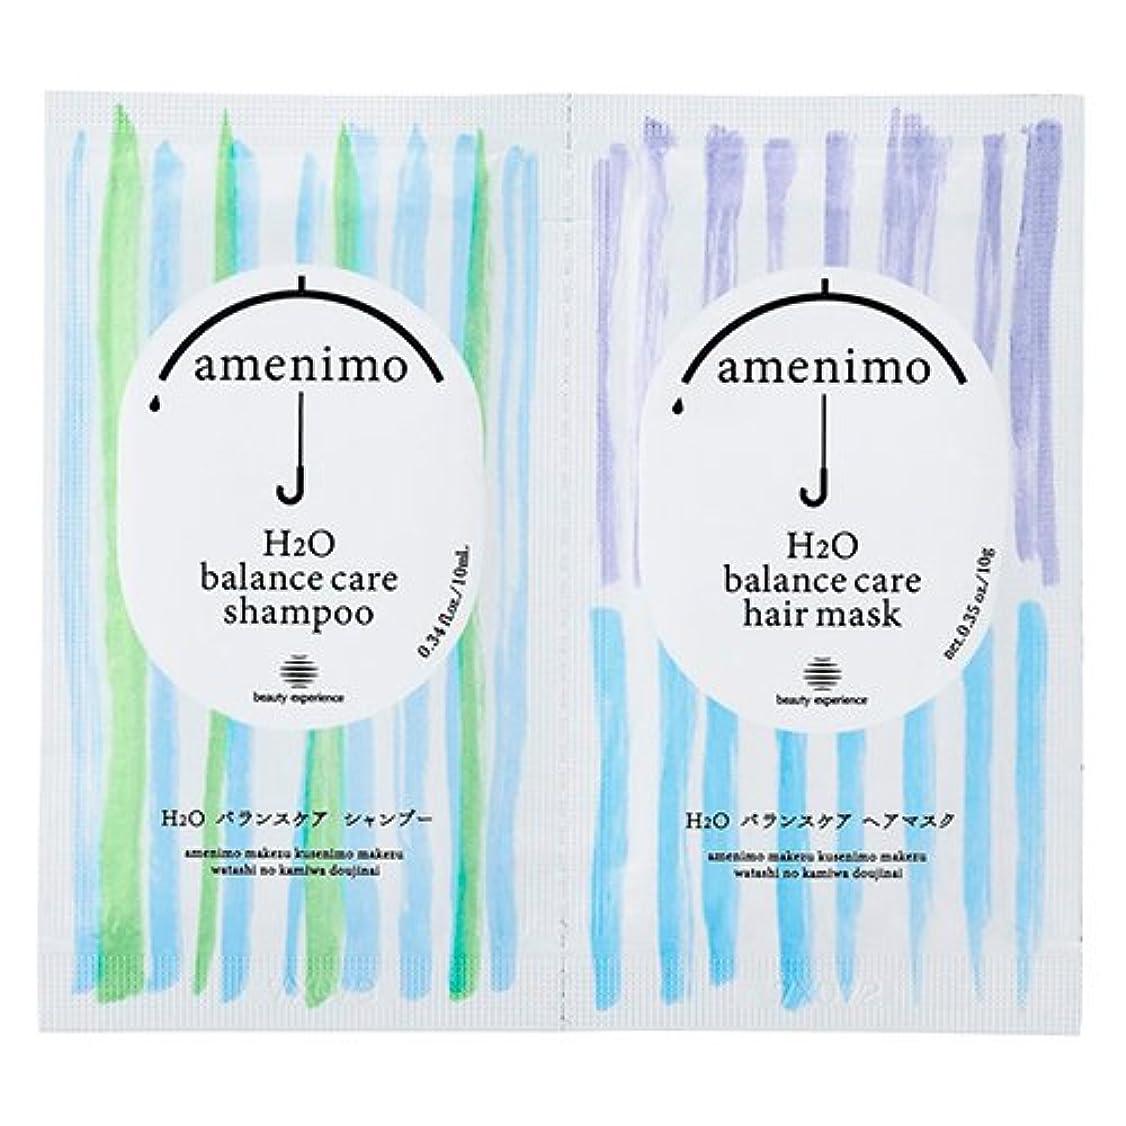 終点ゲージパイプラインamenimo(アメニモ) H2O バランスケア シャンプー&ヘアマスク 1dayお試し 10mL+10g